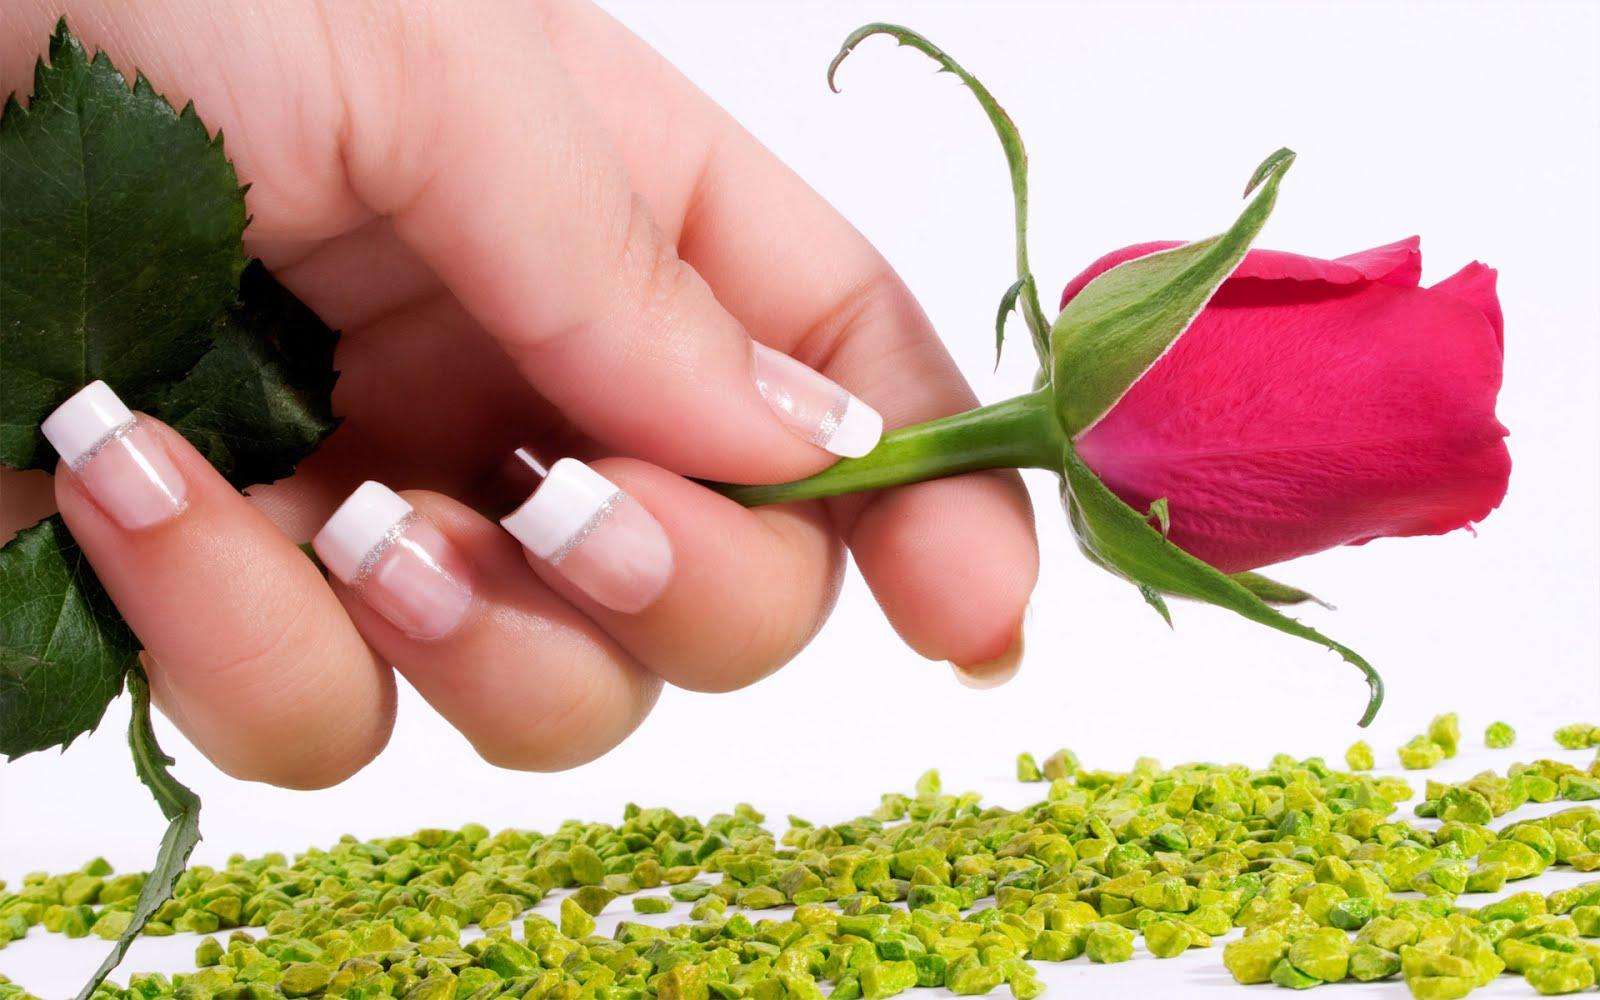 http://1.bp.blogspot.com/-uuVq__wuPao/TzBRcuzsRfI/AAAAAAAAH08/hKa_HKMlzjg/s1600/hq-red-rose-wallpaper.jpg